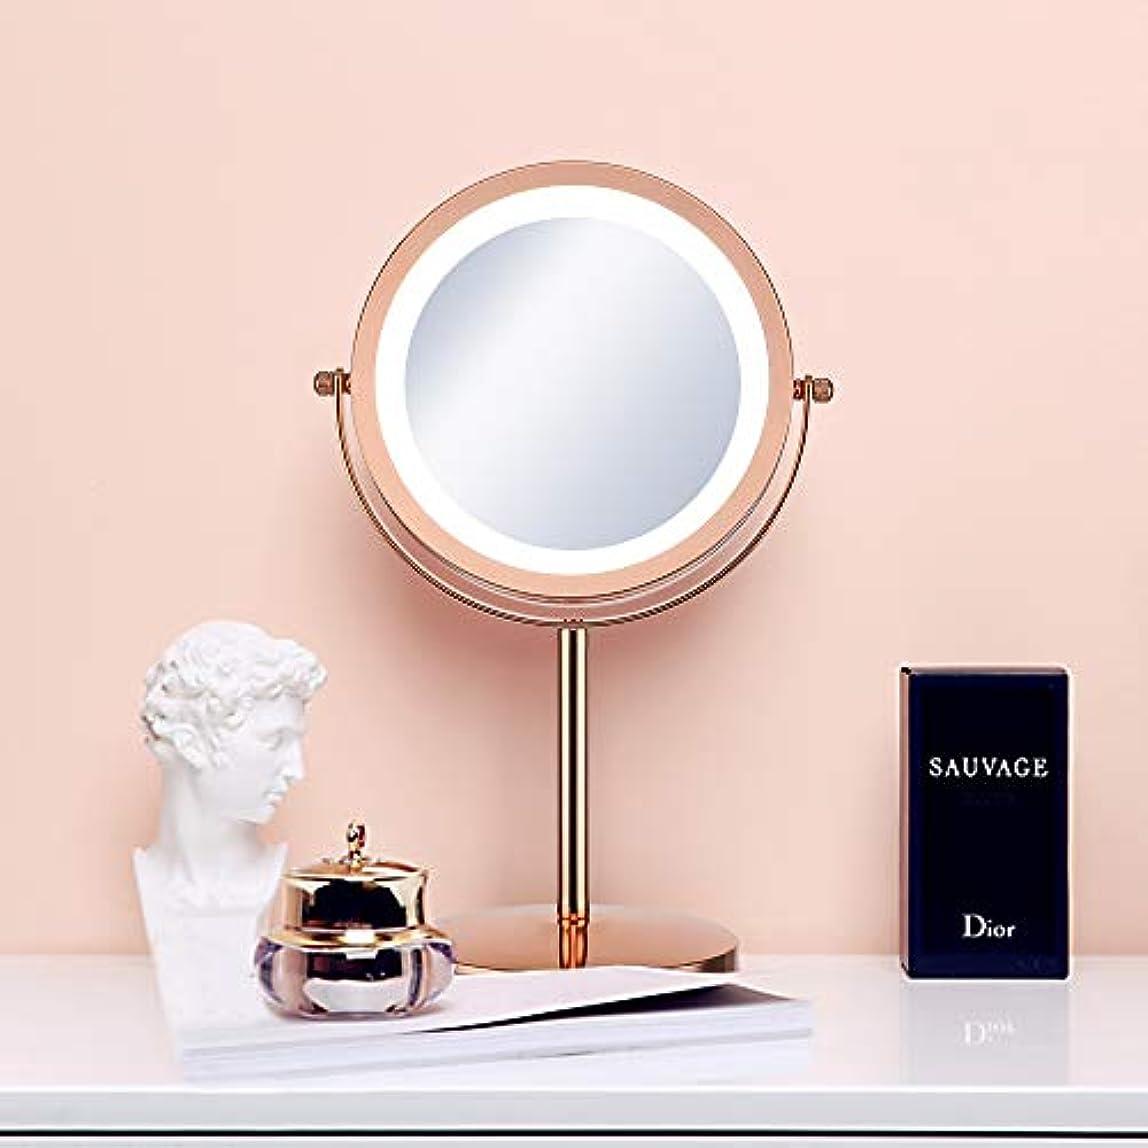 政治的汚い望み(セーディコ)Cerdeco 西洋風卓上鏡DX レトロなゴールド LEDライト付き 5倍拡大率 両面化粧鏡 スタンドミラー 鏡面φ178mm T710G